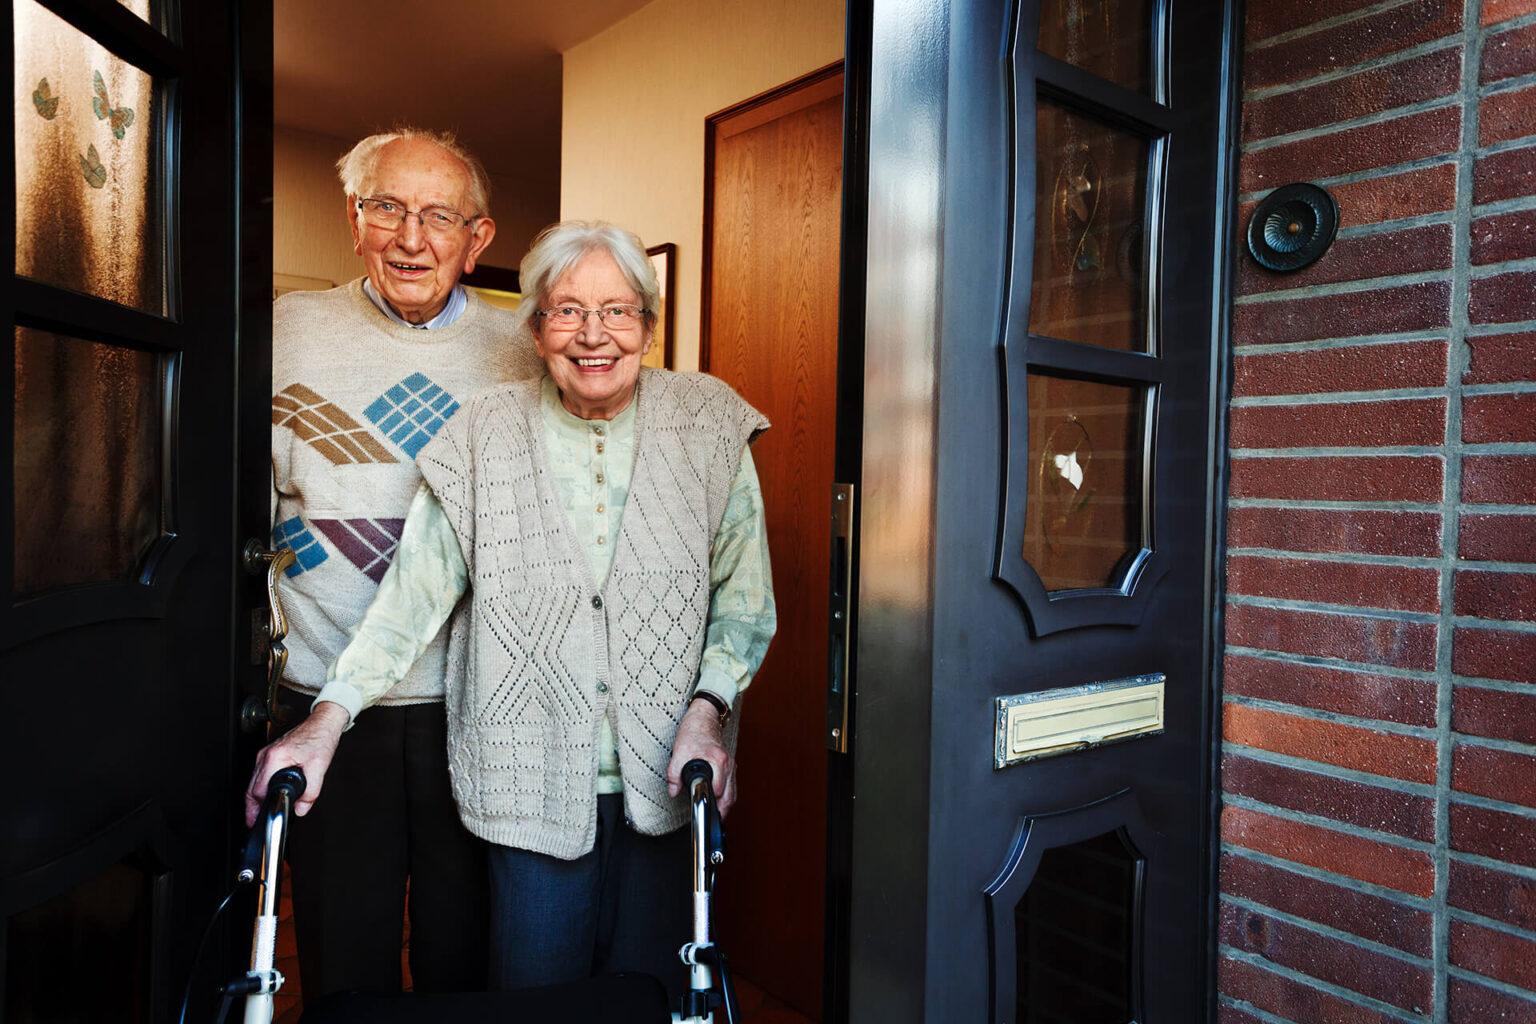 Frau öffnet Tür zur 24 Stunden Pflege und Betreuung bei Demenz